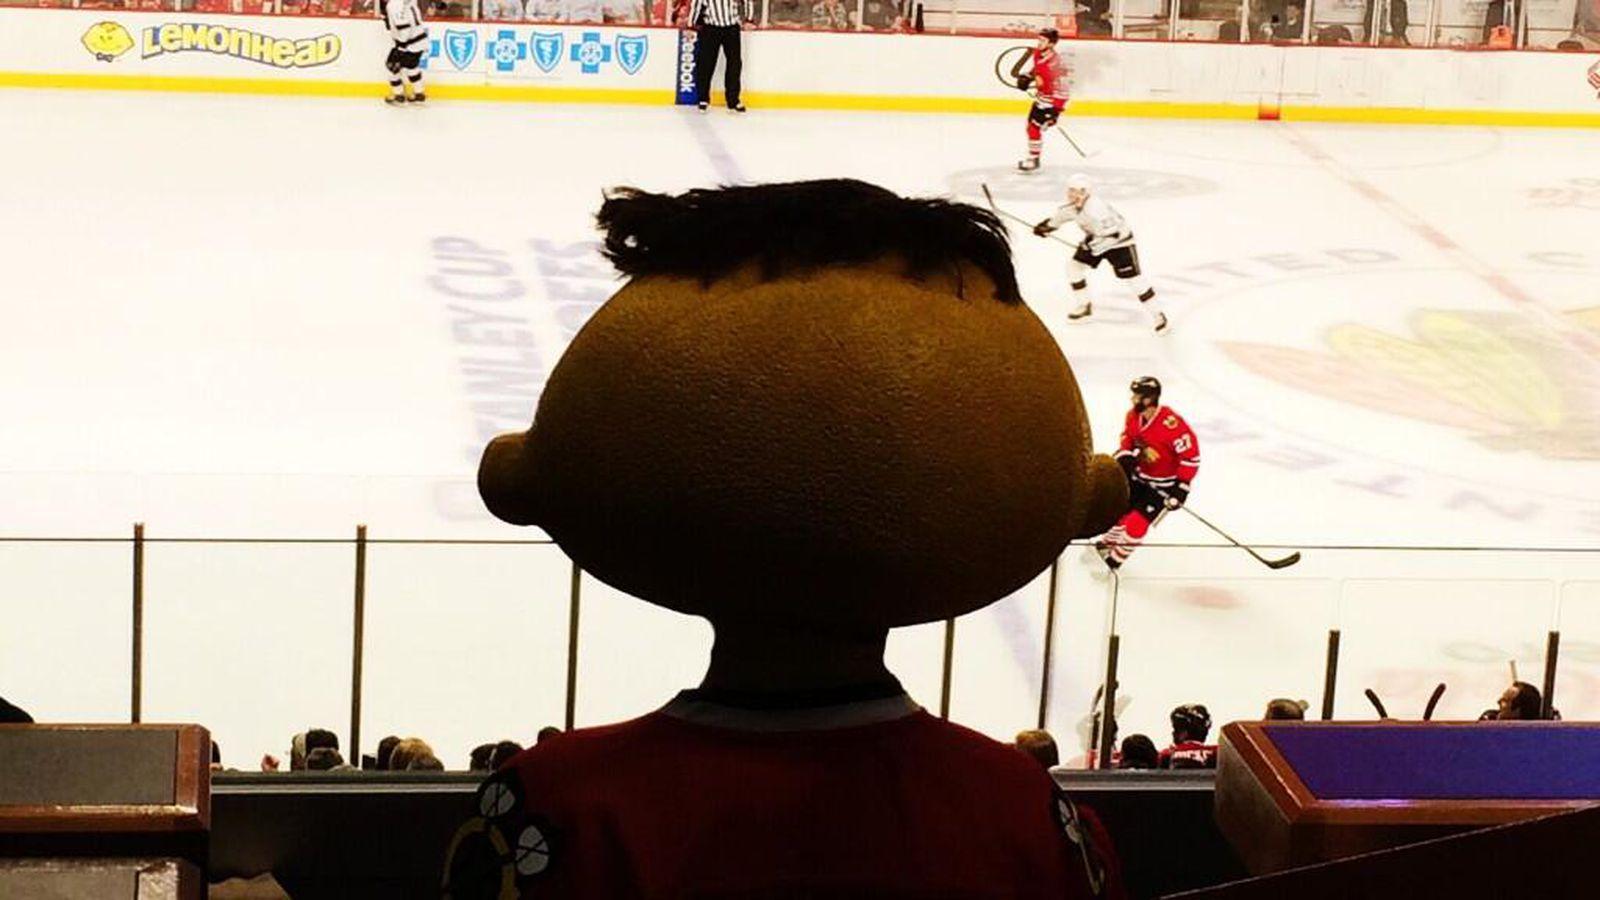 The new Lemonhead mascot haunts a Blackhawks game